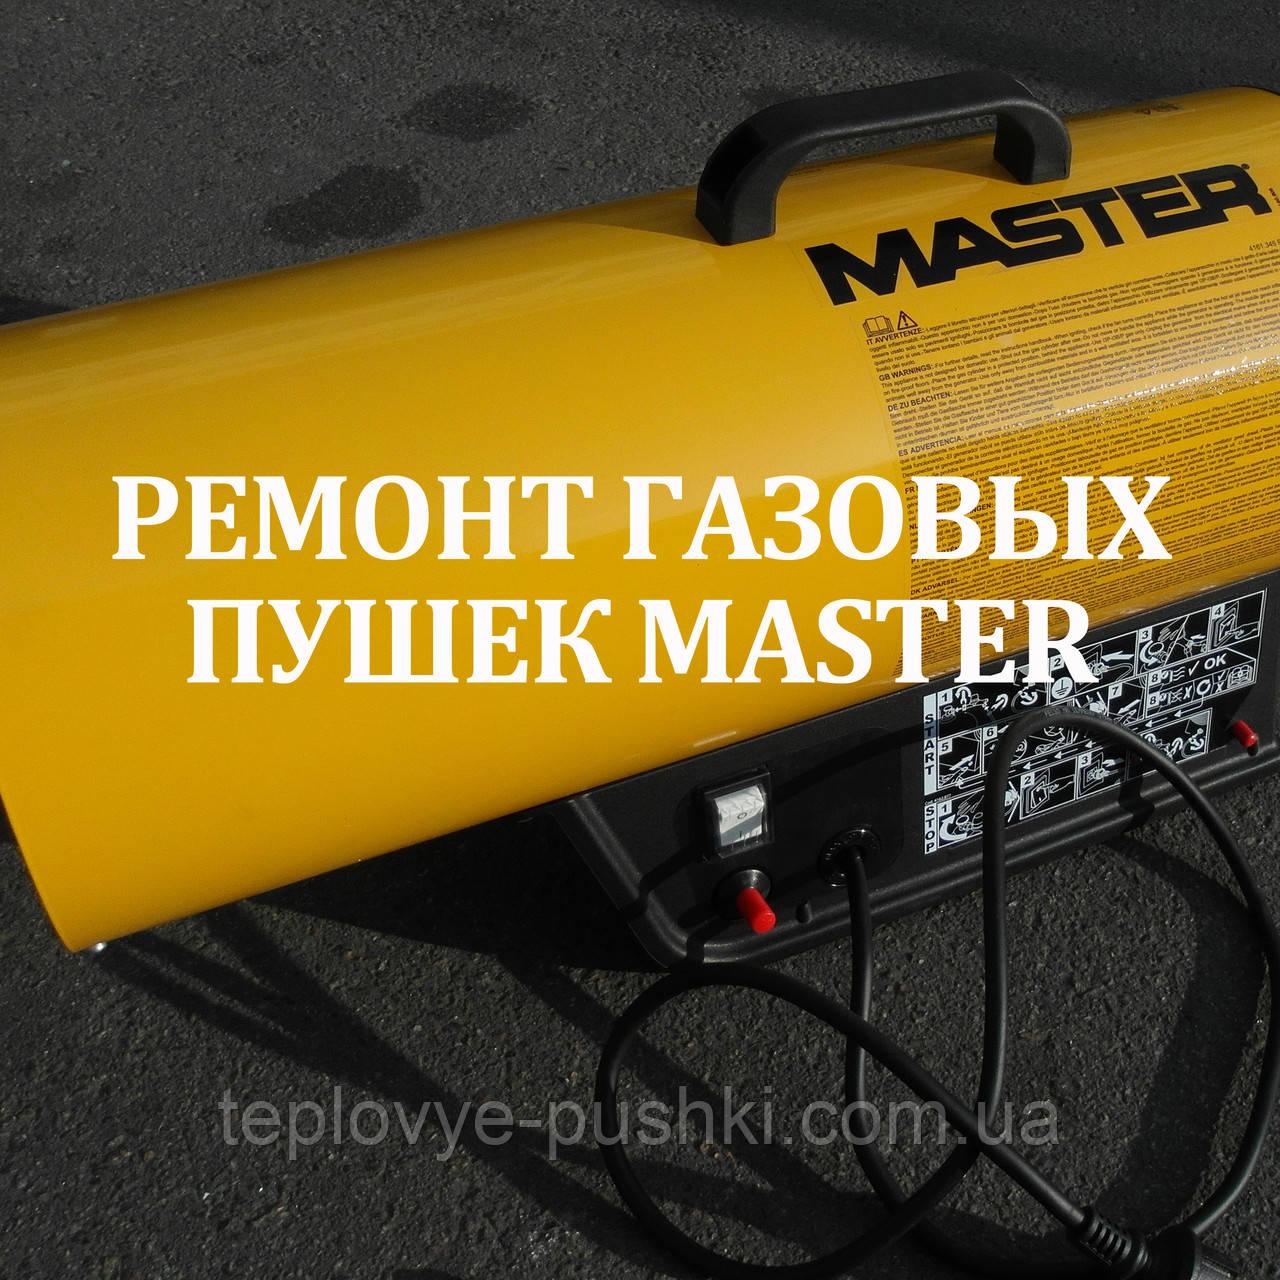 Ремонт газовых пушек MASTER